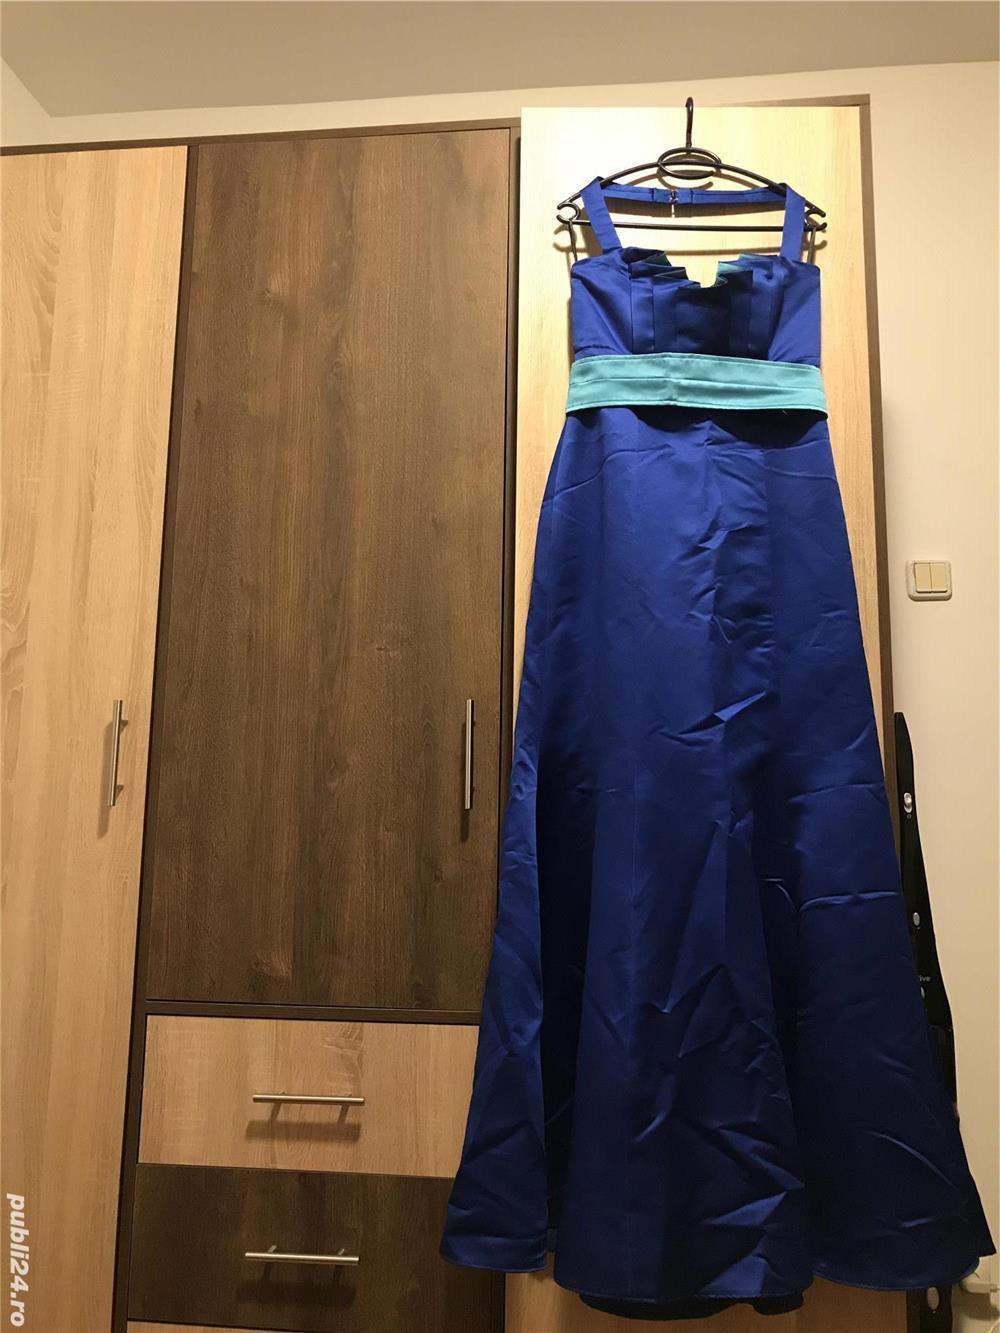 Vand rochie de ocazie